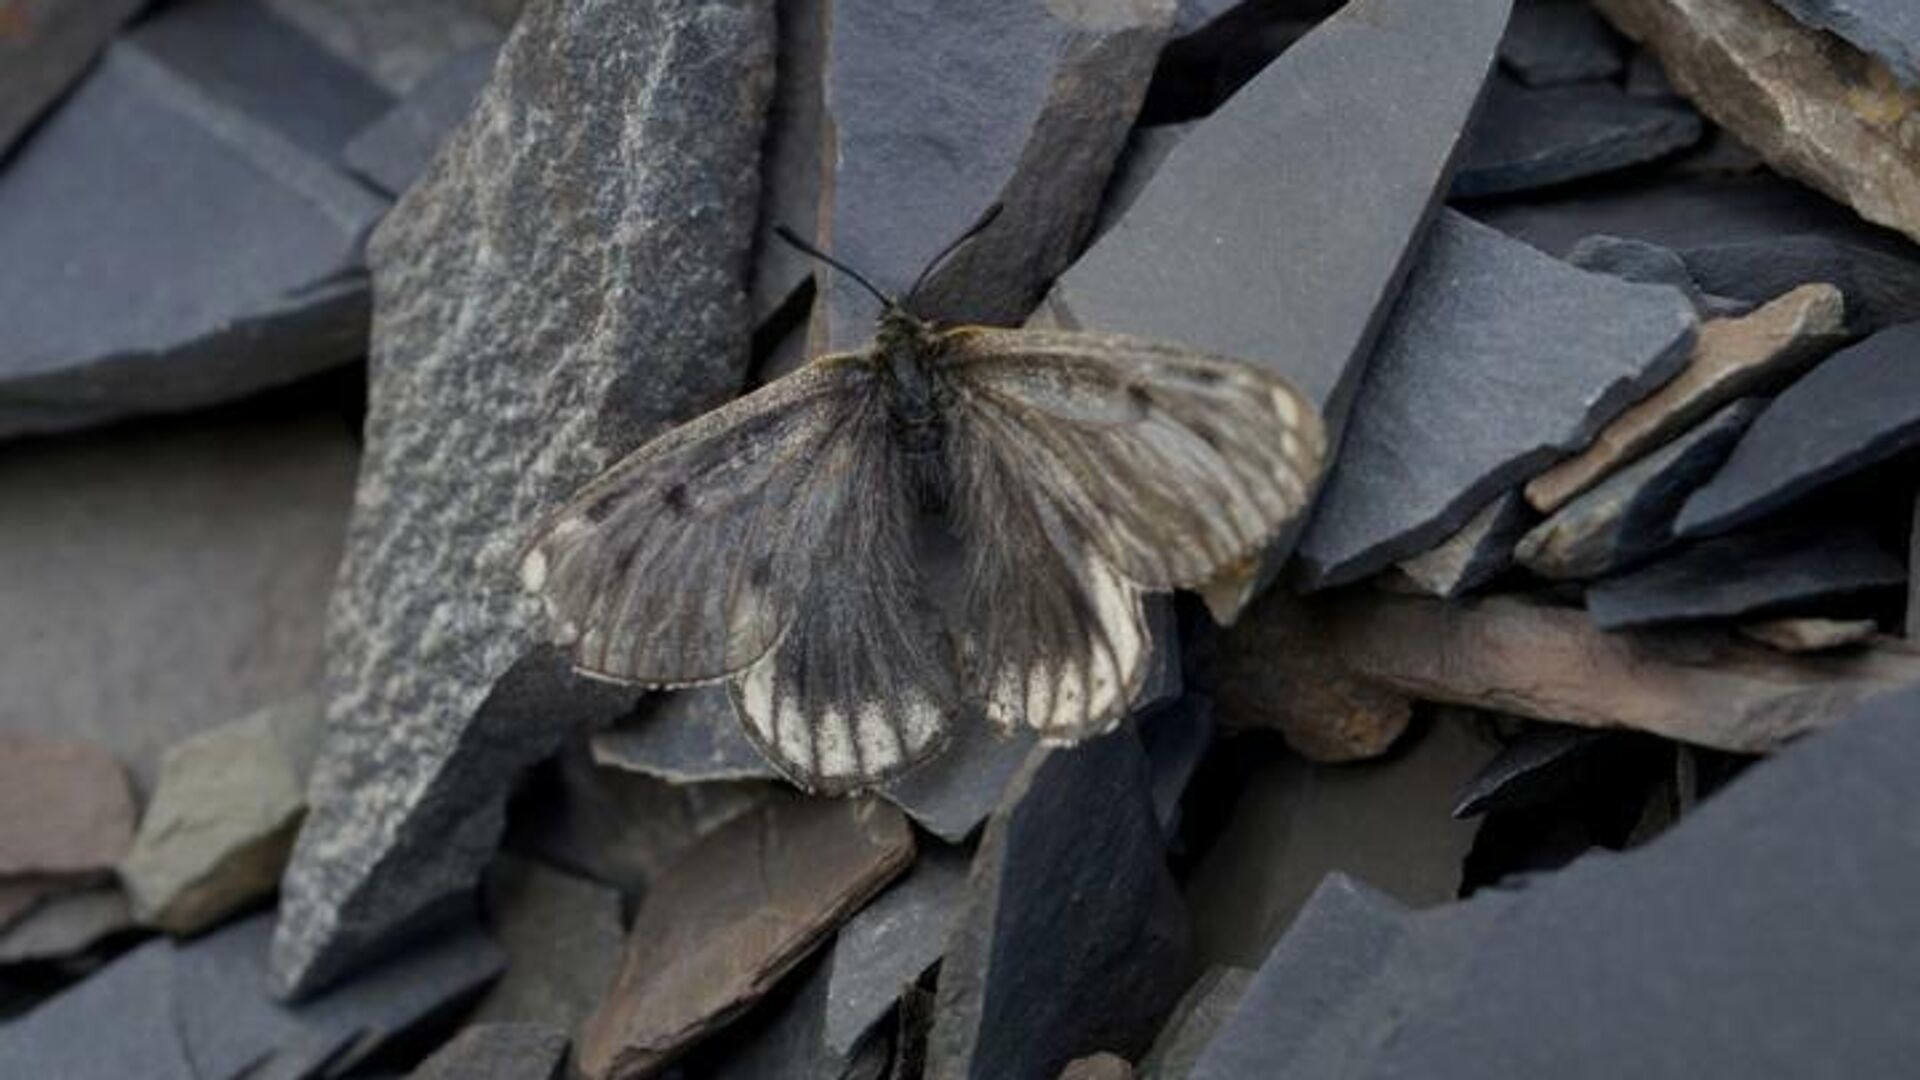 Новый подвид арктической бабочки-аполлона Parnassius arcticus arbugaevi - РИА Новости, 1920, 09.10.2020